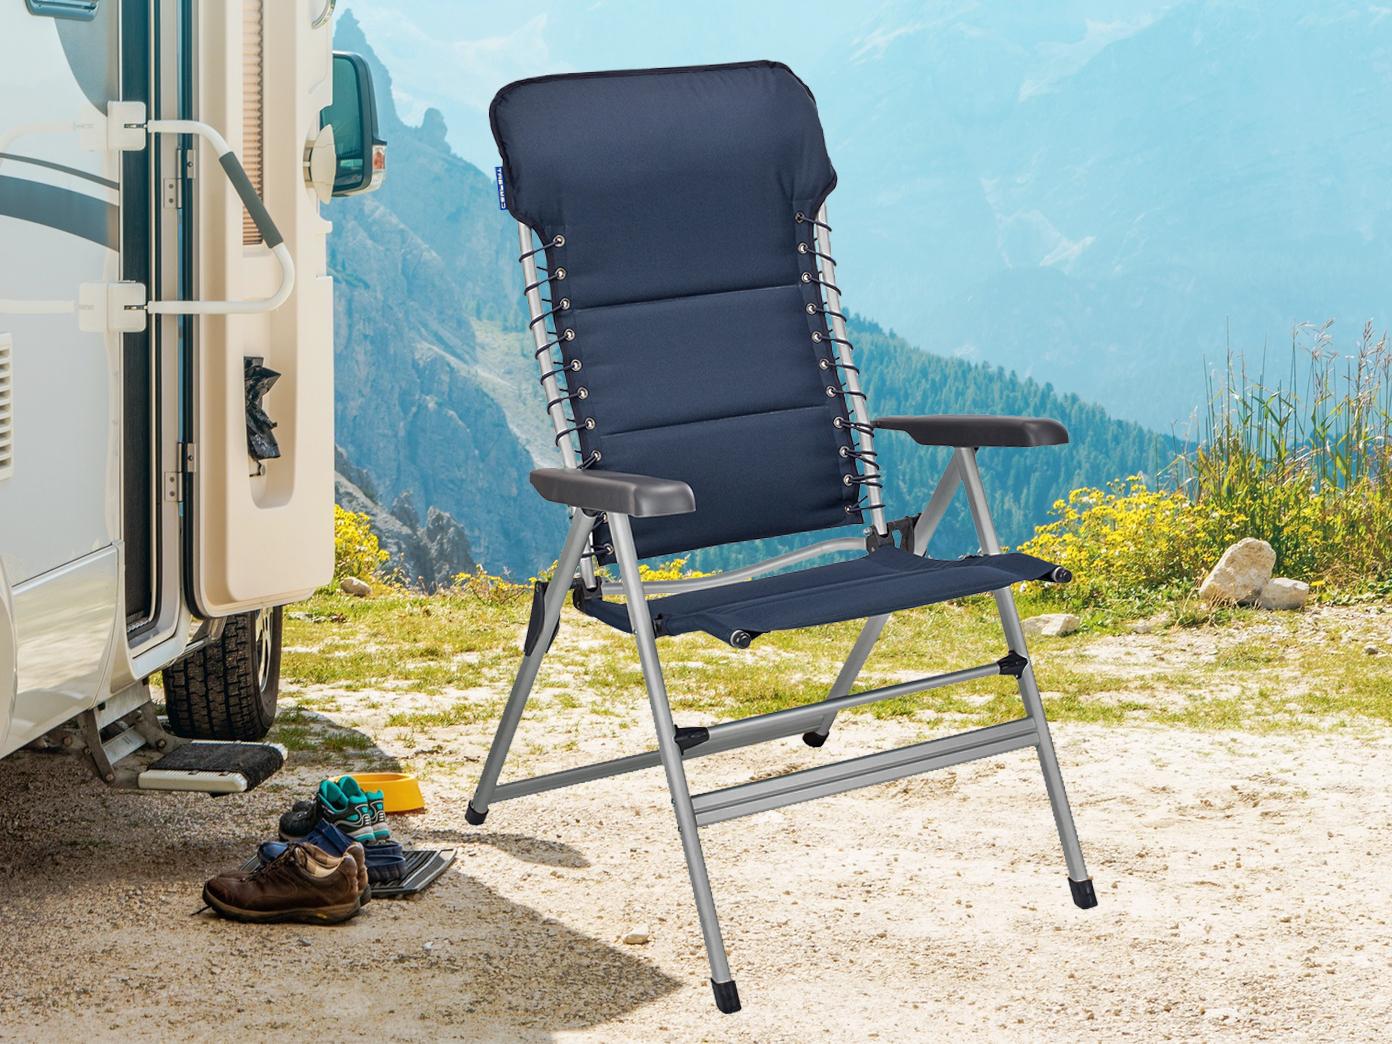 Xxl Stabiler Alu Campingstuhl Gepolstert Klappbar Leicht Camping Relaxsessel